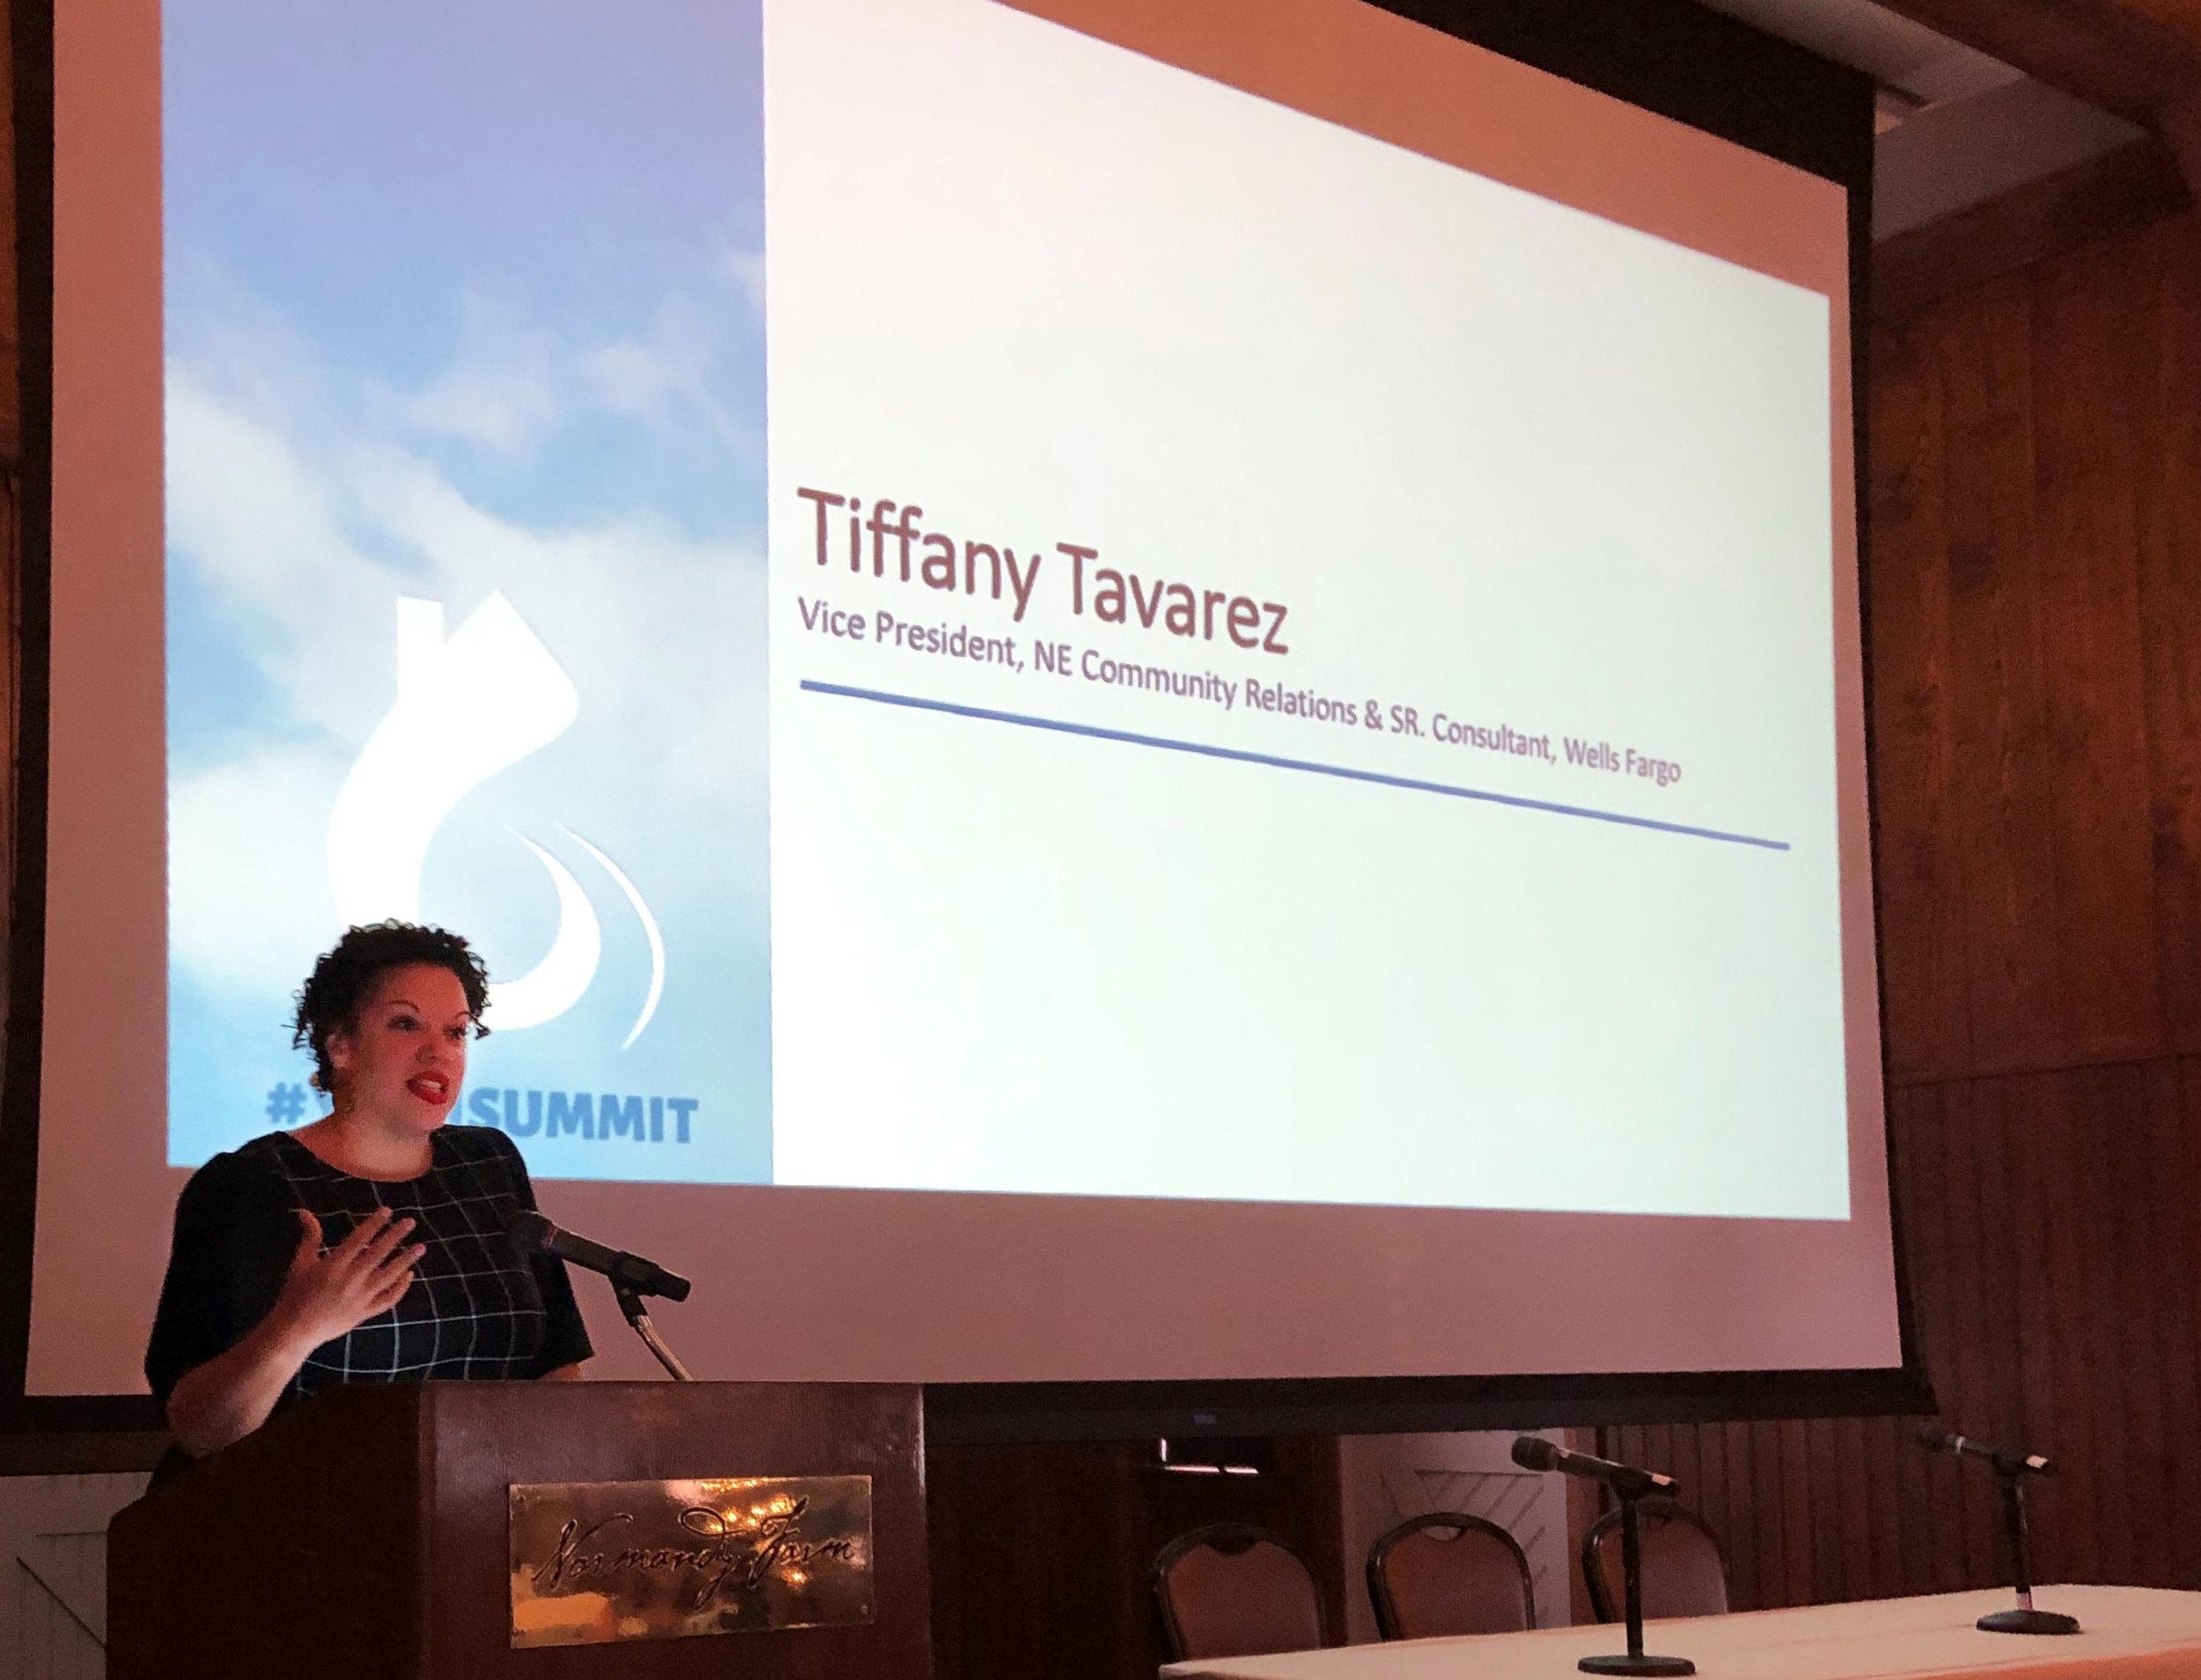 Tiffany podium 2.jpg